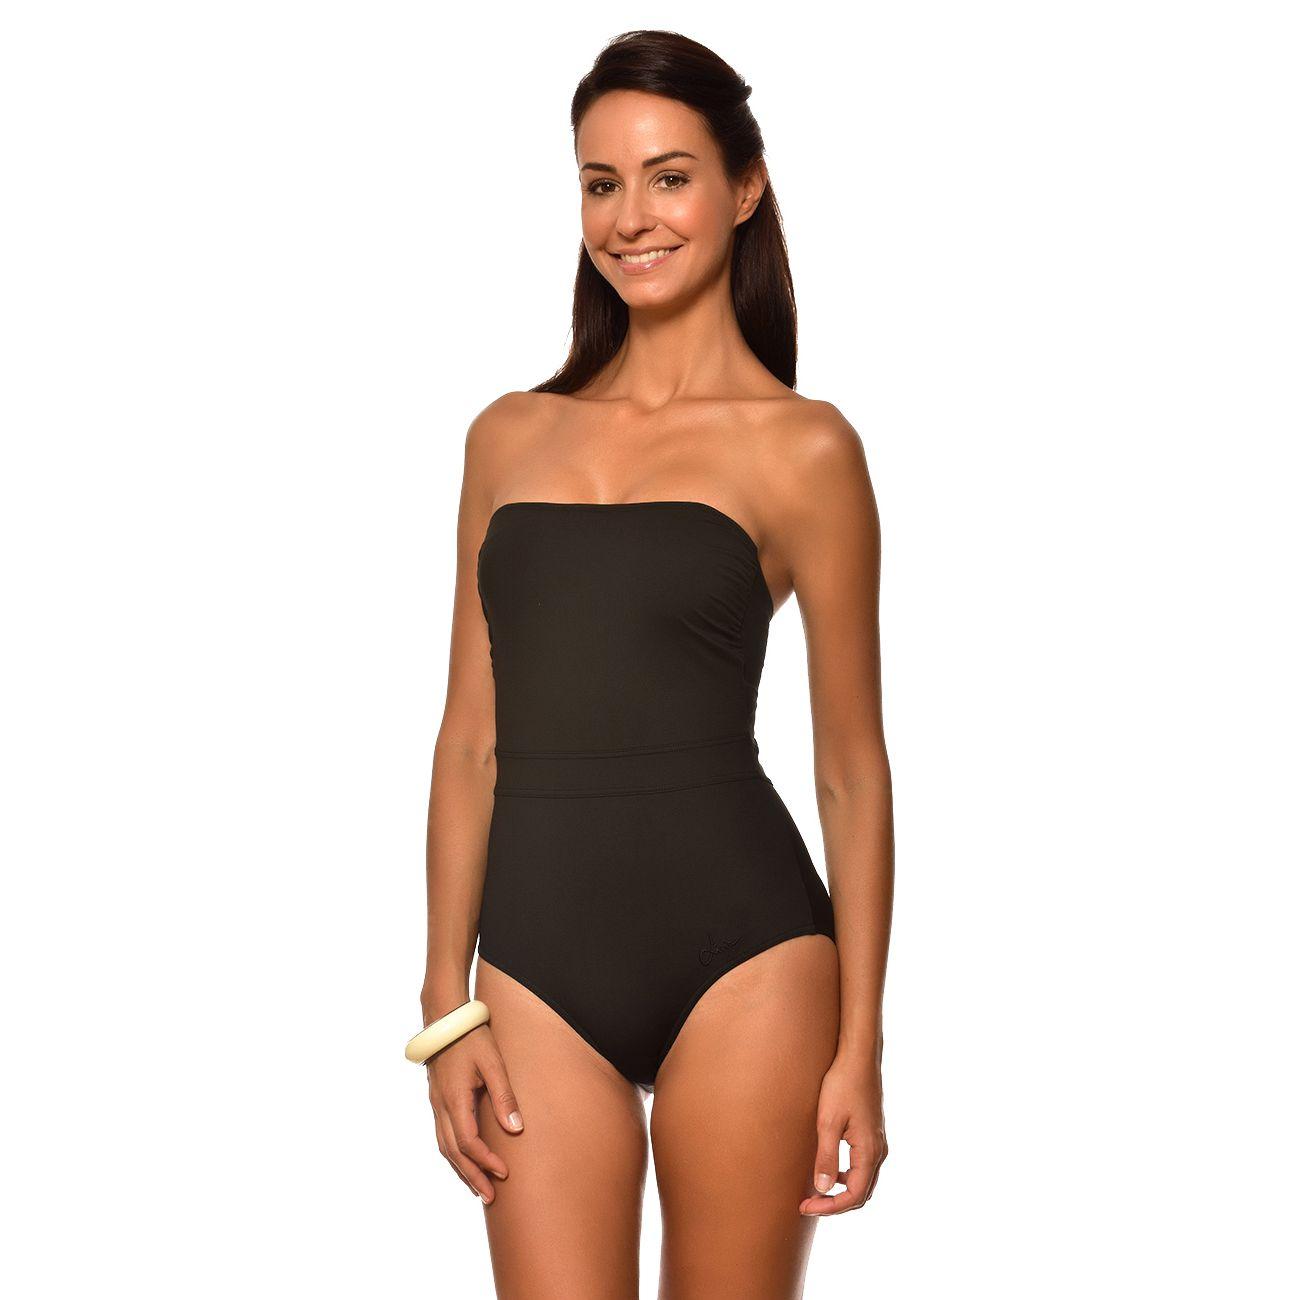 452d6edcb2 Mode- Lifestyle femme LIVIA Maillot de bain 1 Pièce Bustier Livia Lavandou  Isabel Noir ...